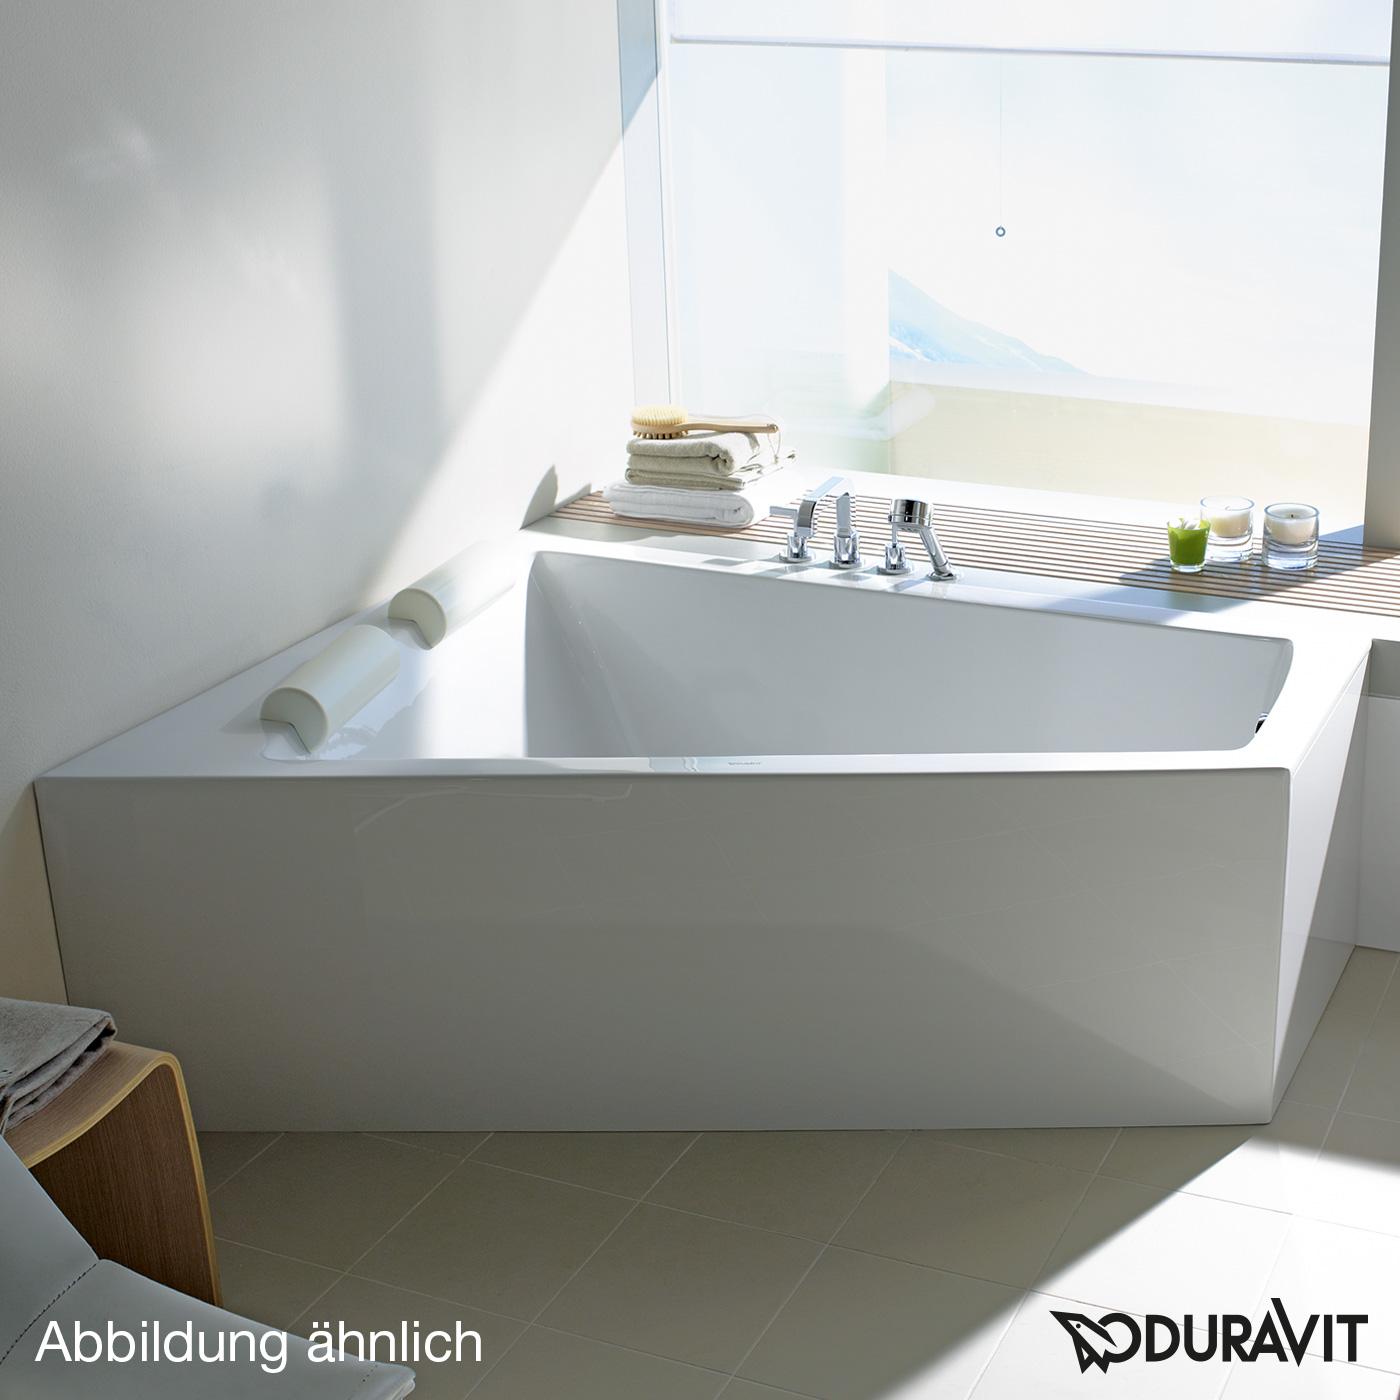 duravit paiova eck badewanne f r ecke links 700264000000000 reuter onlineshop. Black Bedroom Furniture Sets. Home Design Ideas